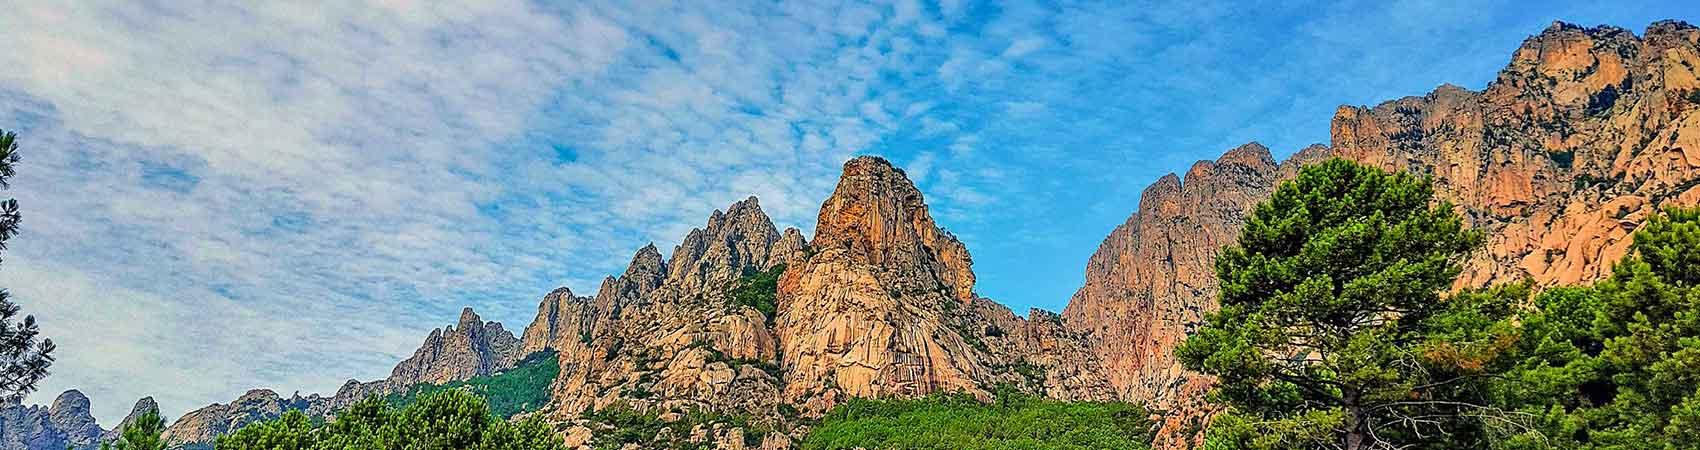 vacances à la montagne Corse